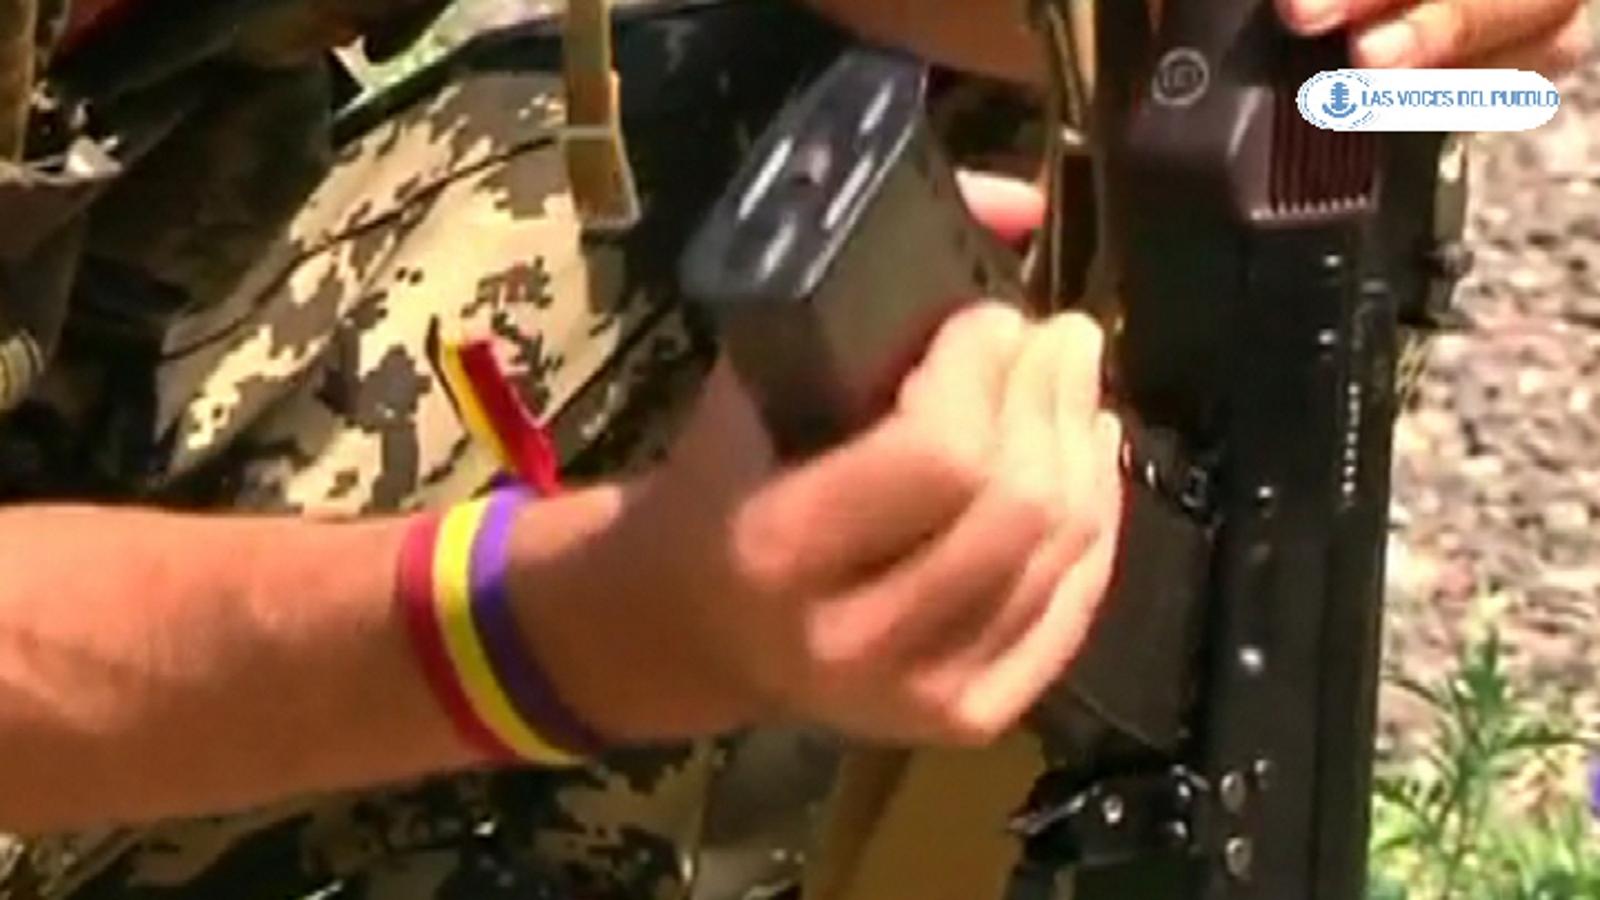 Dos españoles republicanos combatiendo con separatistas prorusos ucranianos contra el Gobierno de Kiev (14).Movie_Instantánea